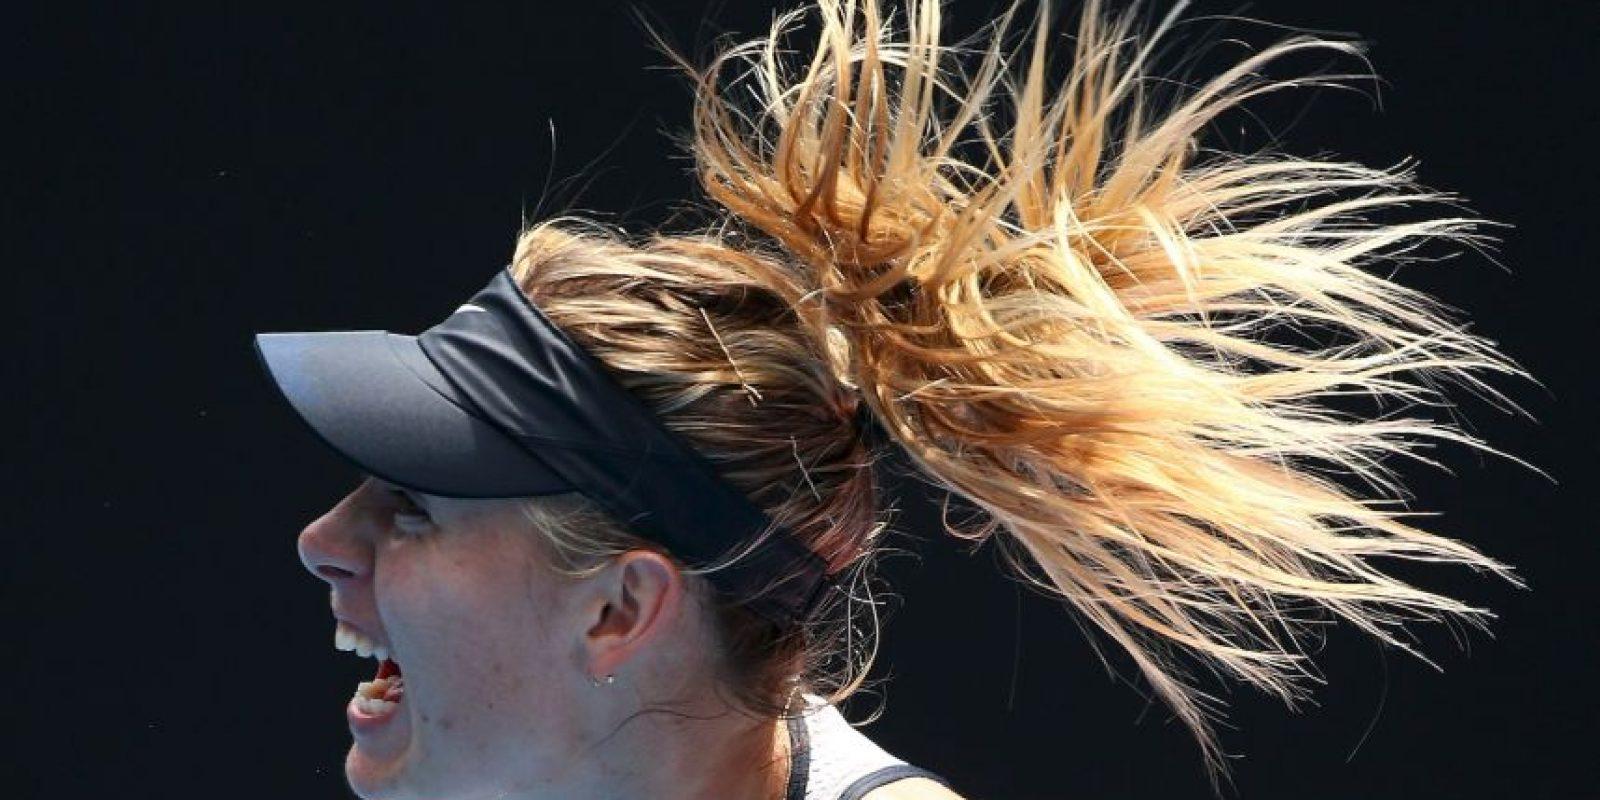 Maria Sharapova confesó que dio positivo en un examen antidopaje Foto:Getty Images